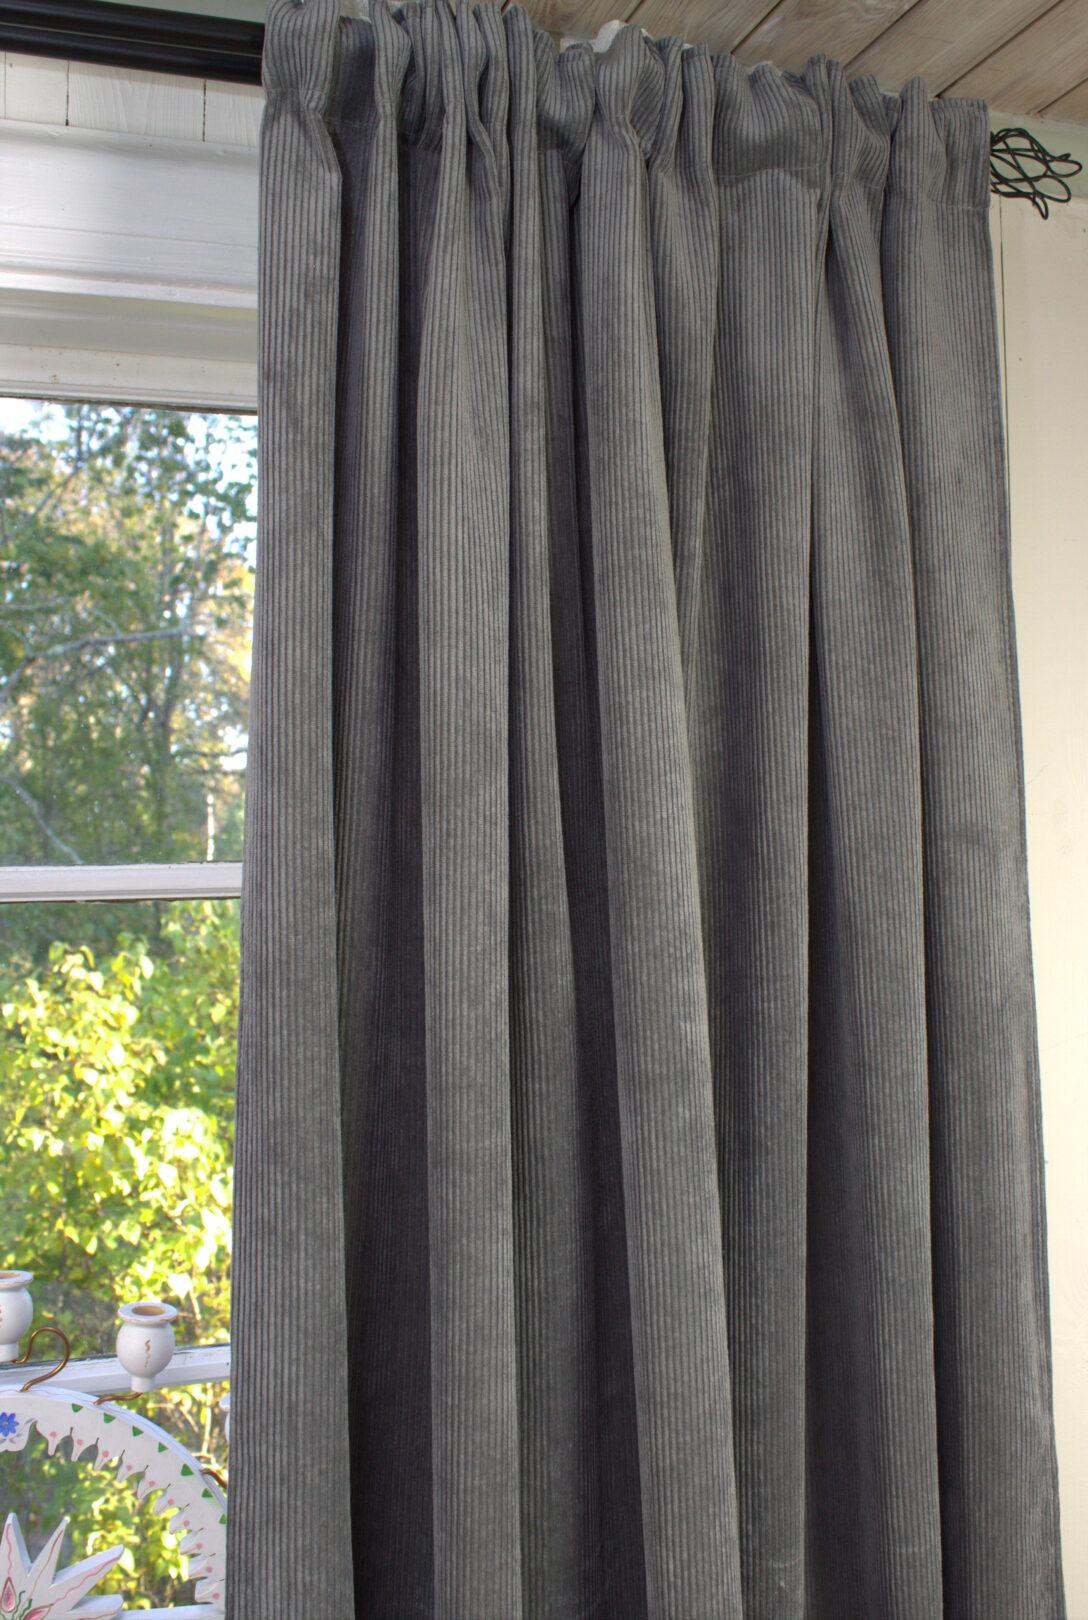 Large Size of Vorhang Suna Samt Kord Grau 140x250 Cm 2 Stck Blickdicht Fenster Gardinen Für Schlafzimmer Küche Wohnzimmer Die Scheibengardinen Wohnzimmer Blickdichte Gardinen